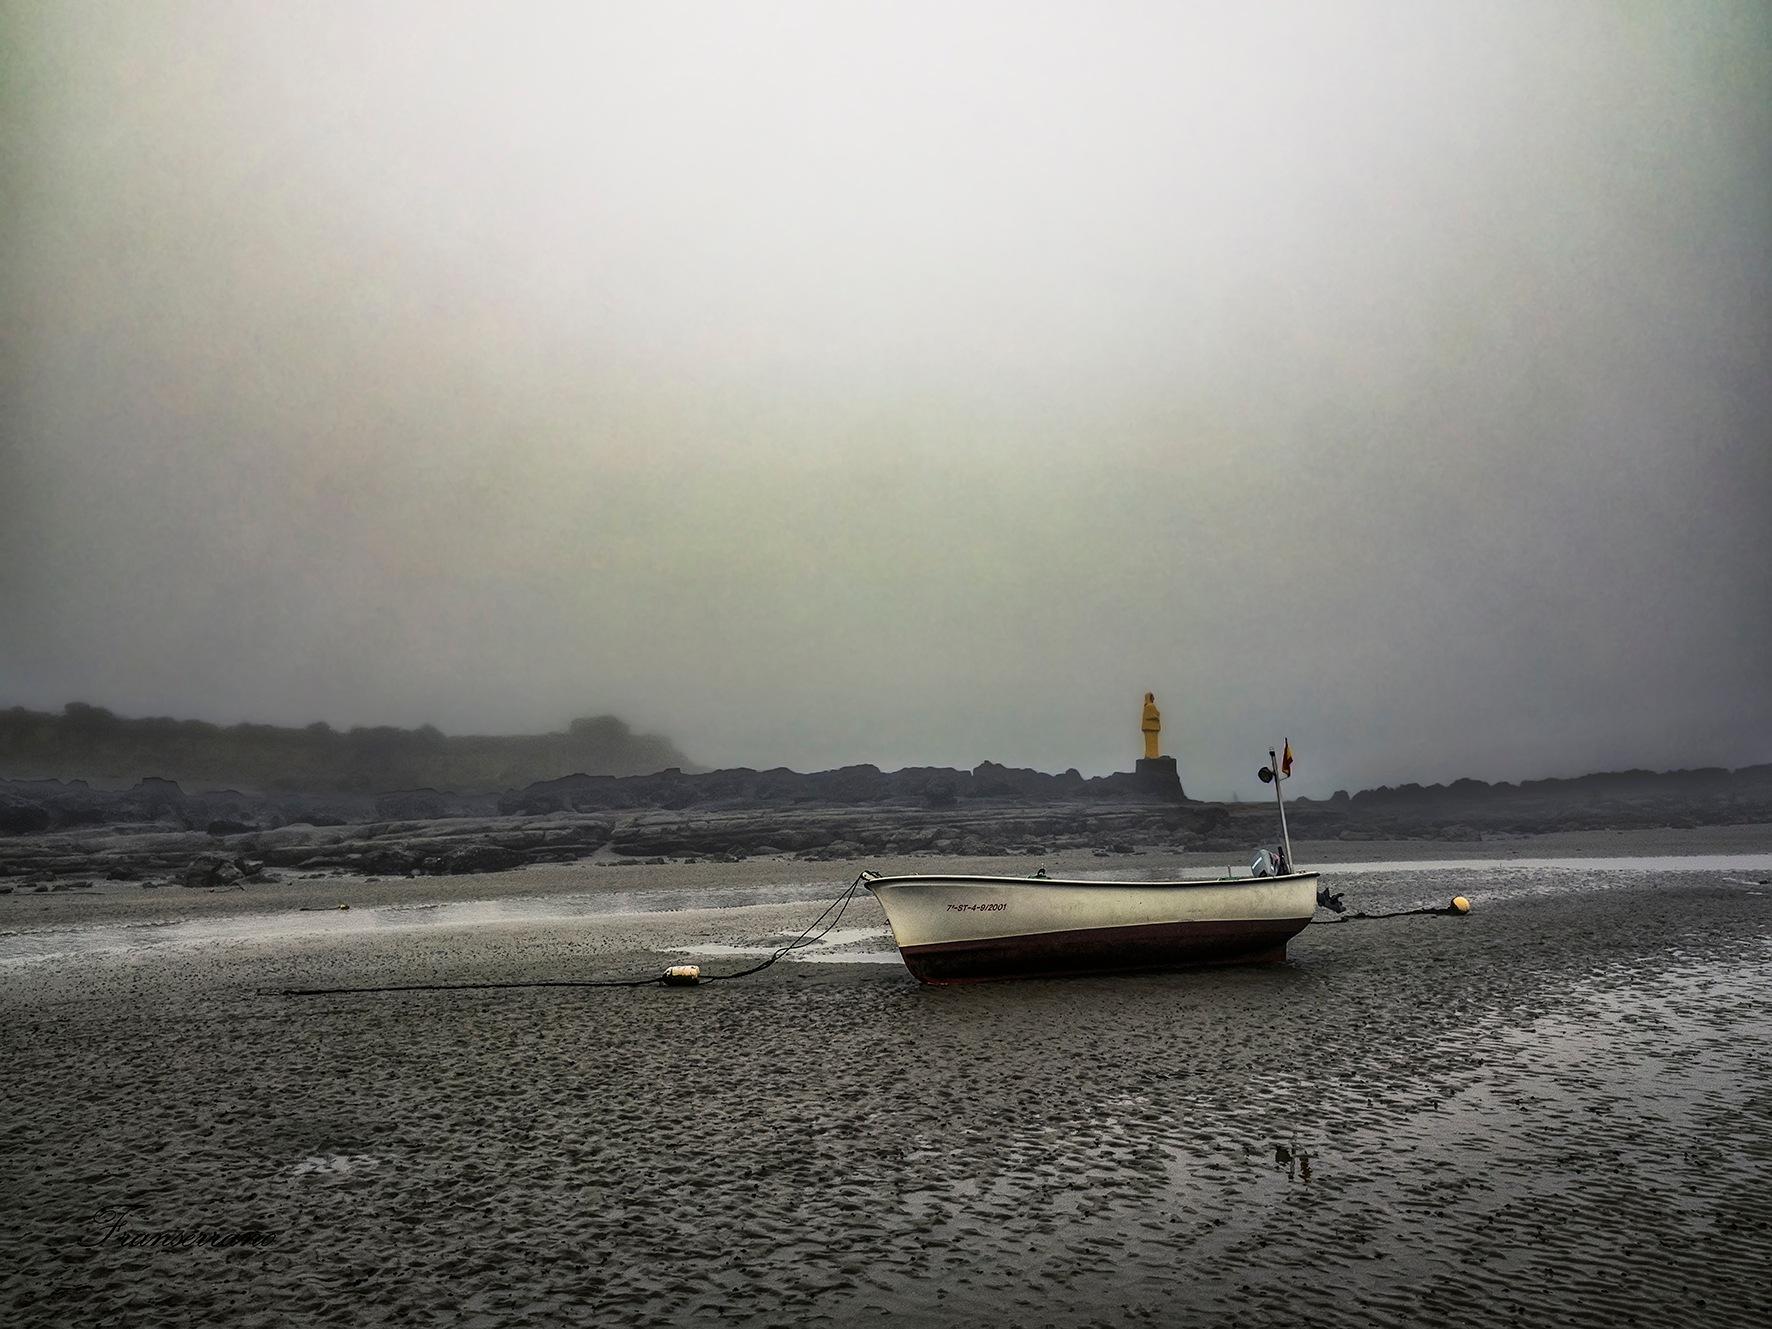 Niebla by FranciscoNity